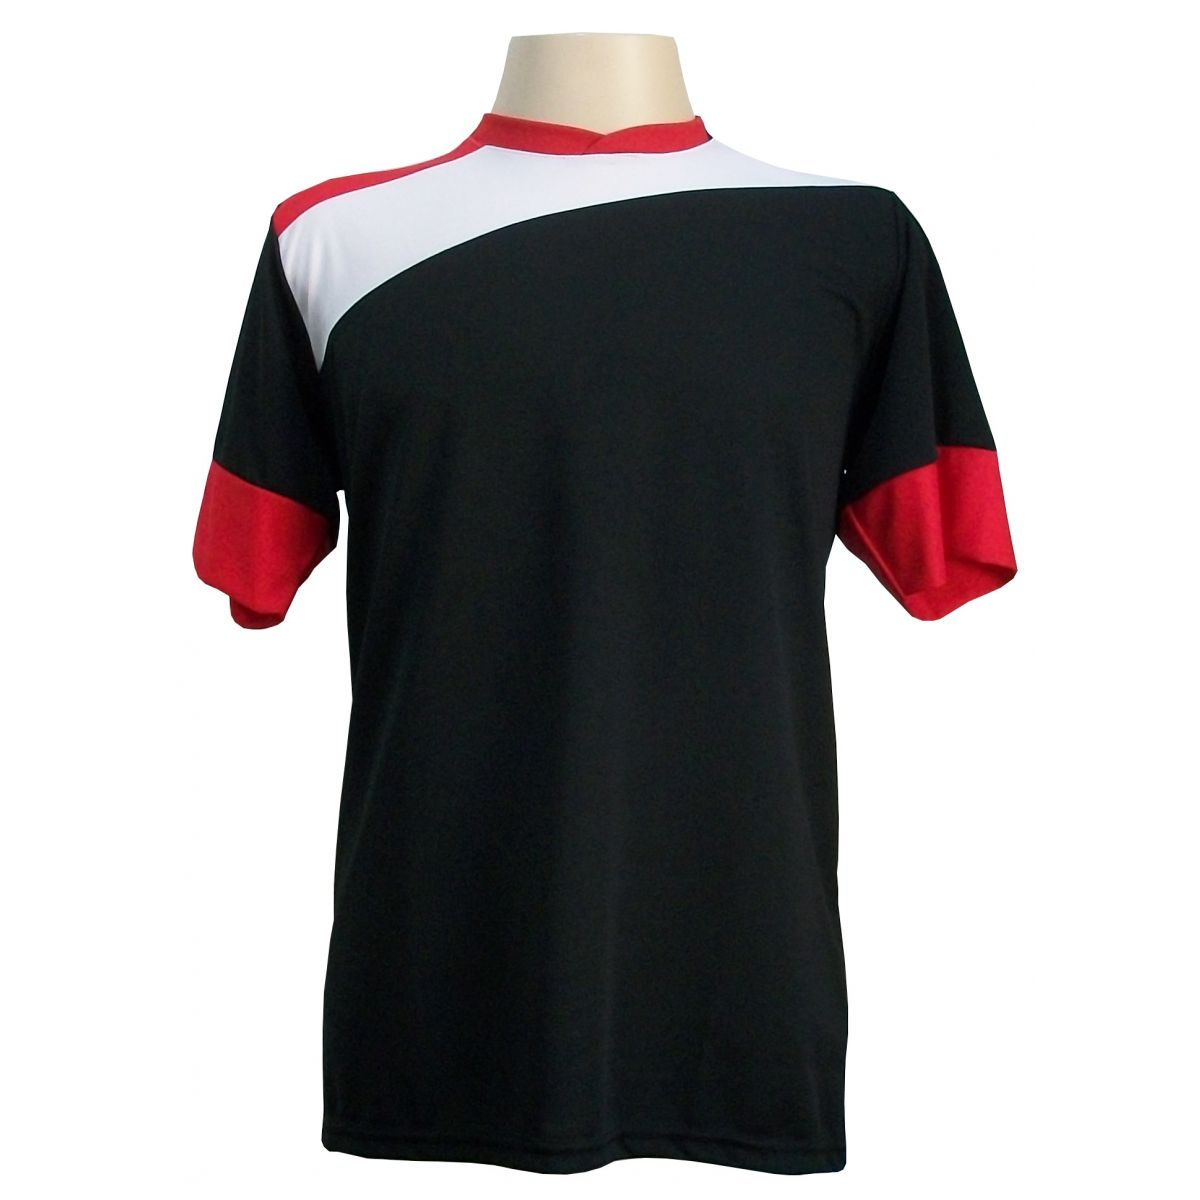 Uniforme Esportivo com 14 camisas modelo Sporting Preto/Branco/Vermelho + 14 calções modelo Copa Vermelho/Branco + Brindes